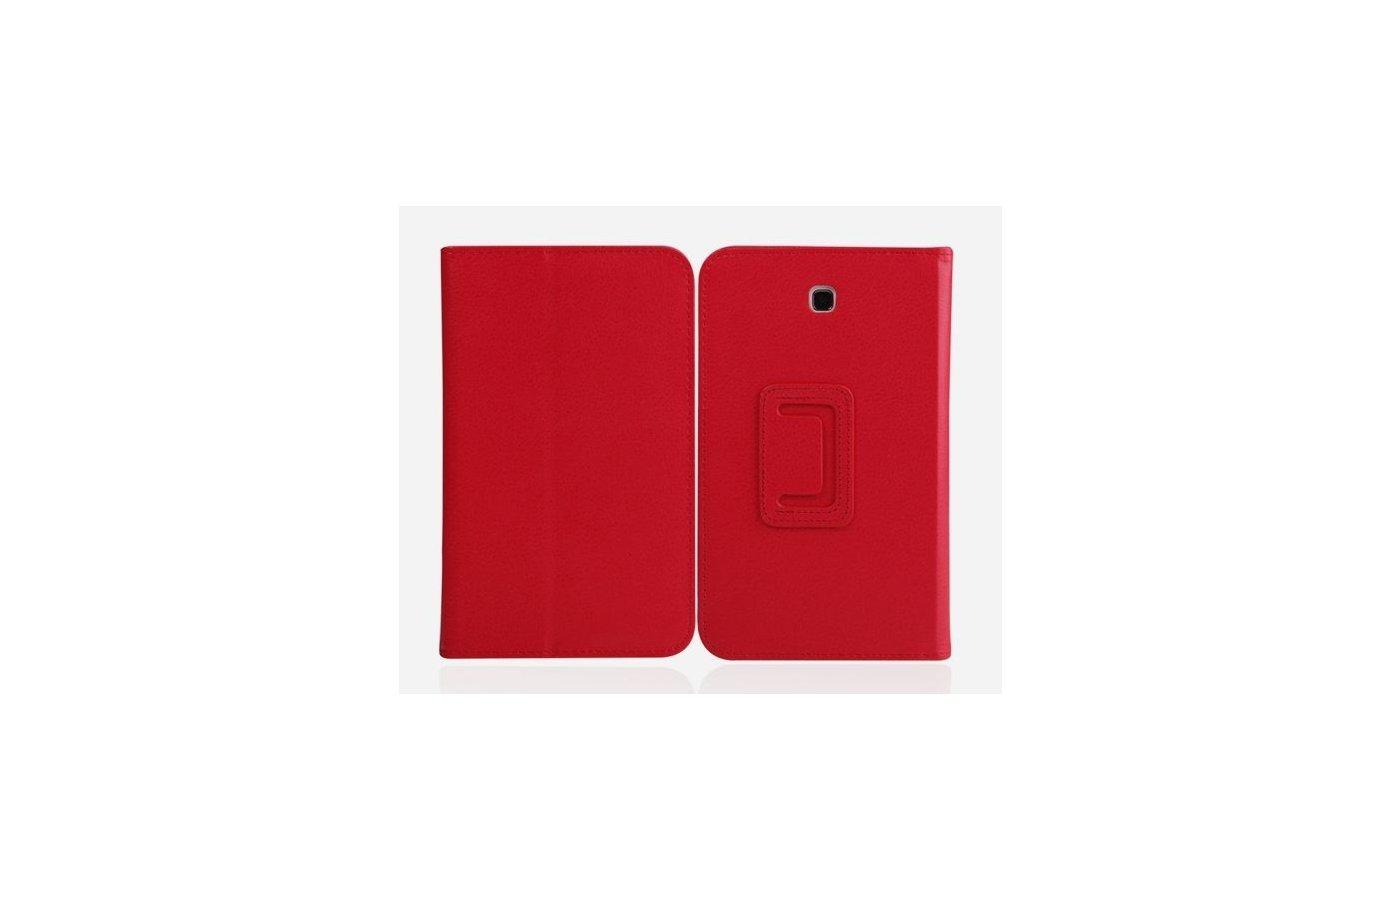 Чехол для планшетного ПК IT BAGGAGE для ASUS MeMO Pad 7 ME176 искус. кожа с функцией стенд красный ITASME1762-3